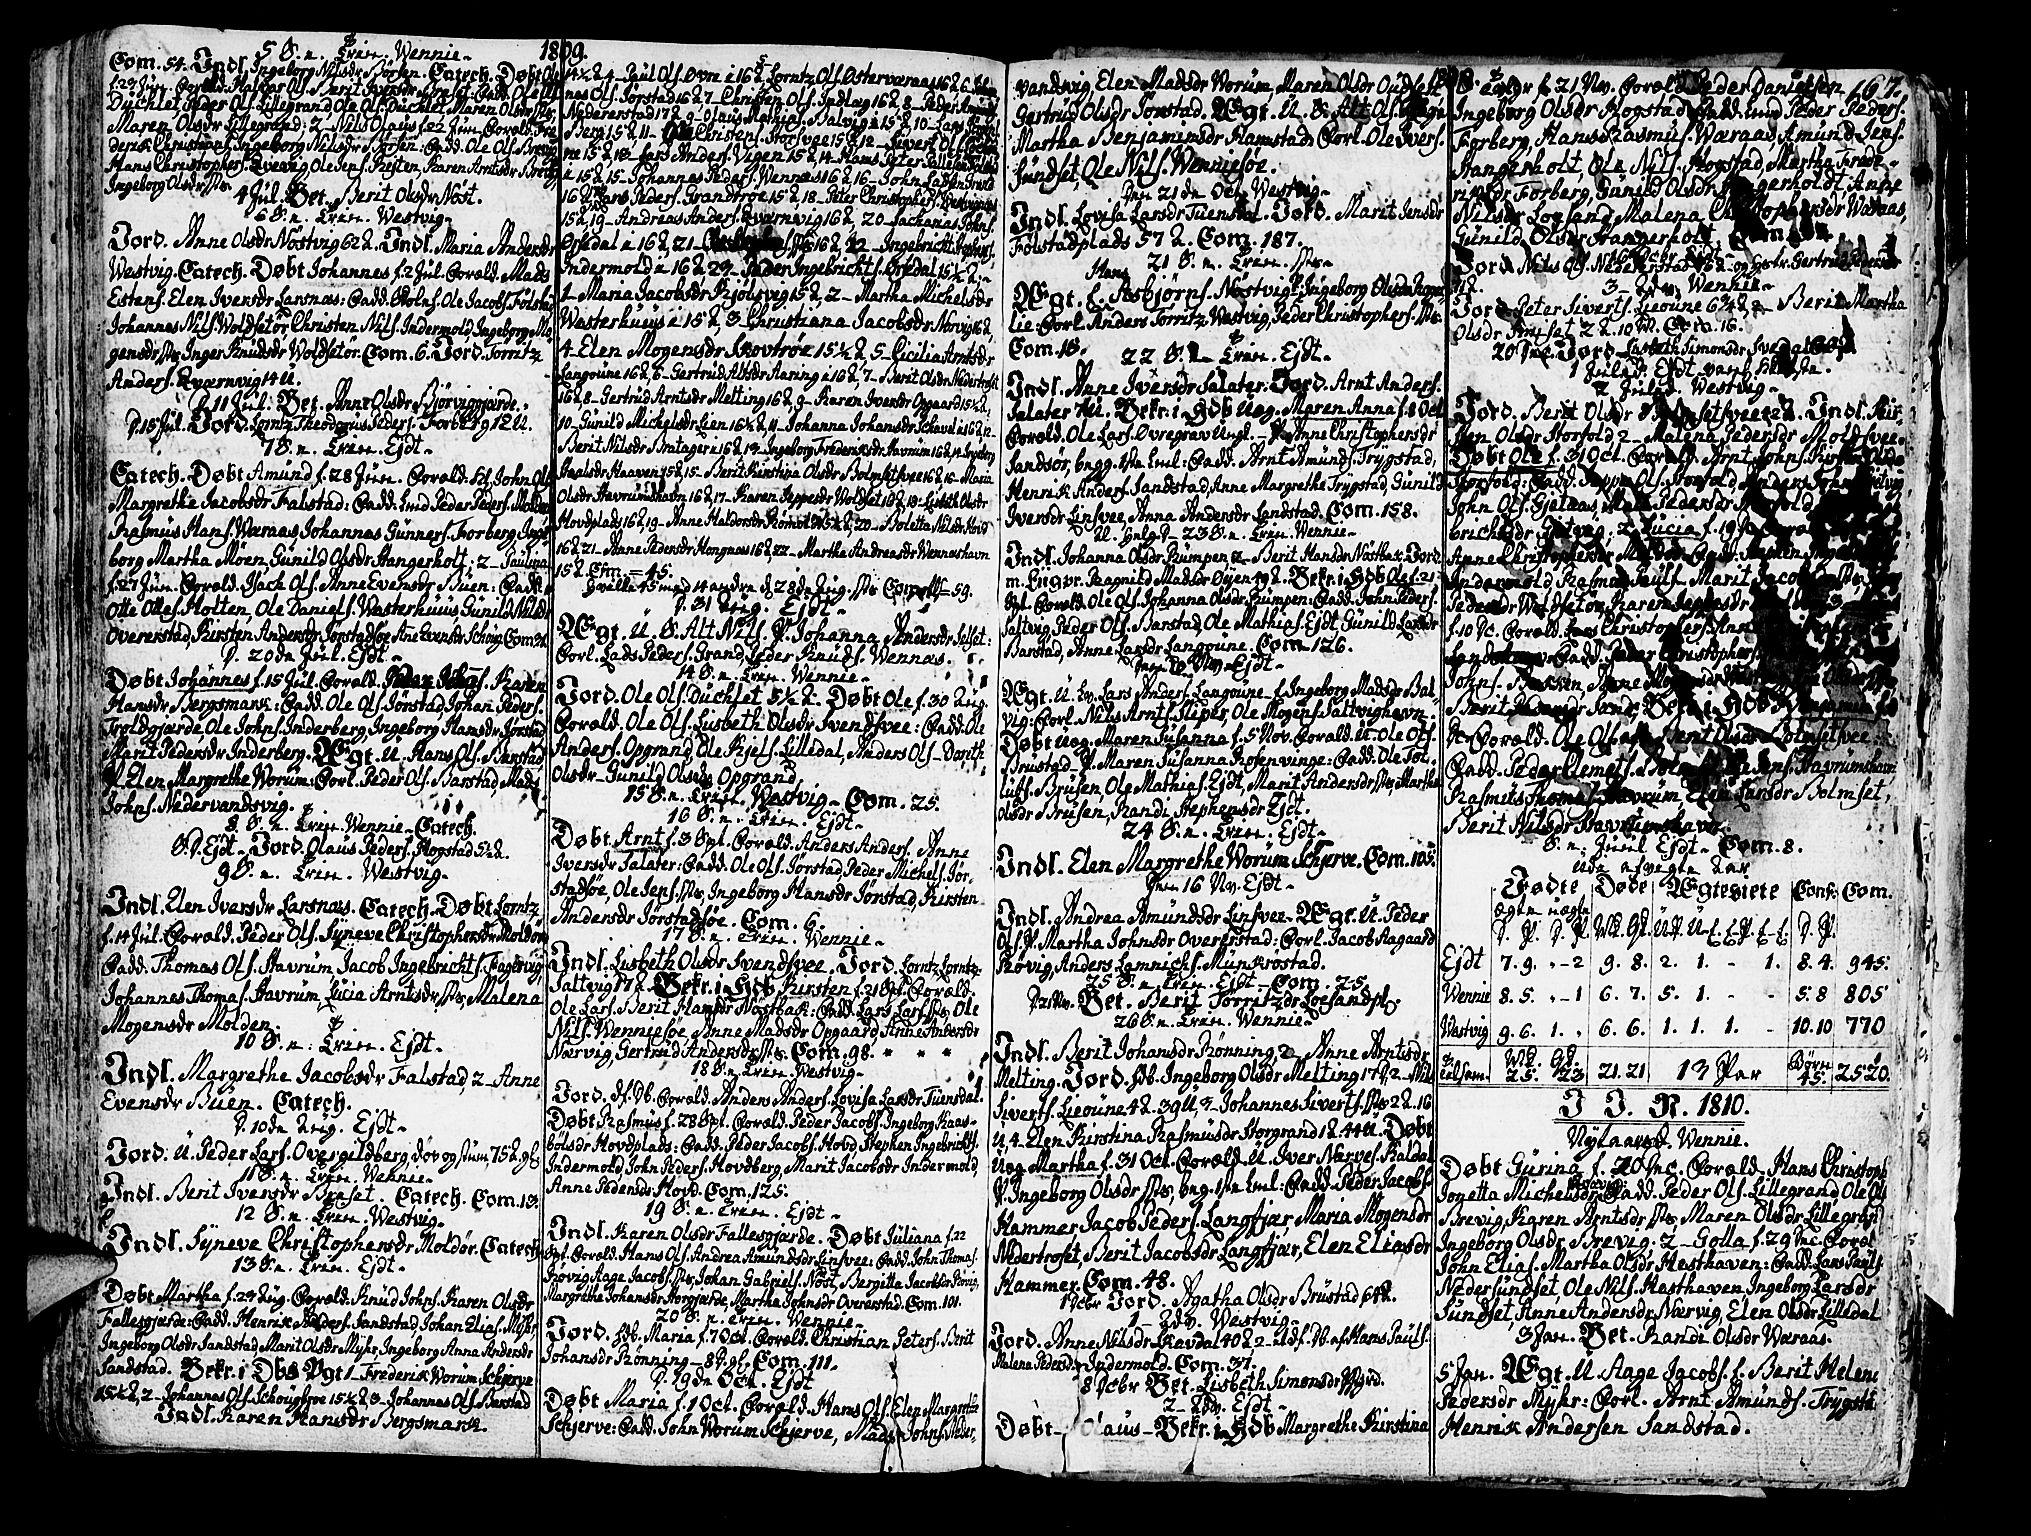 SAT, Ministerialprotokoller, klokkerbøker og fødselsregistre - Nord-Trøndelag, 722/L0216: Ministerialbok nr. 722A03, 1756-1816, s. 167